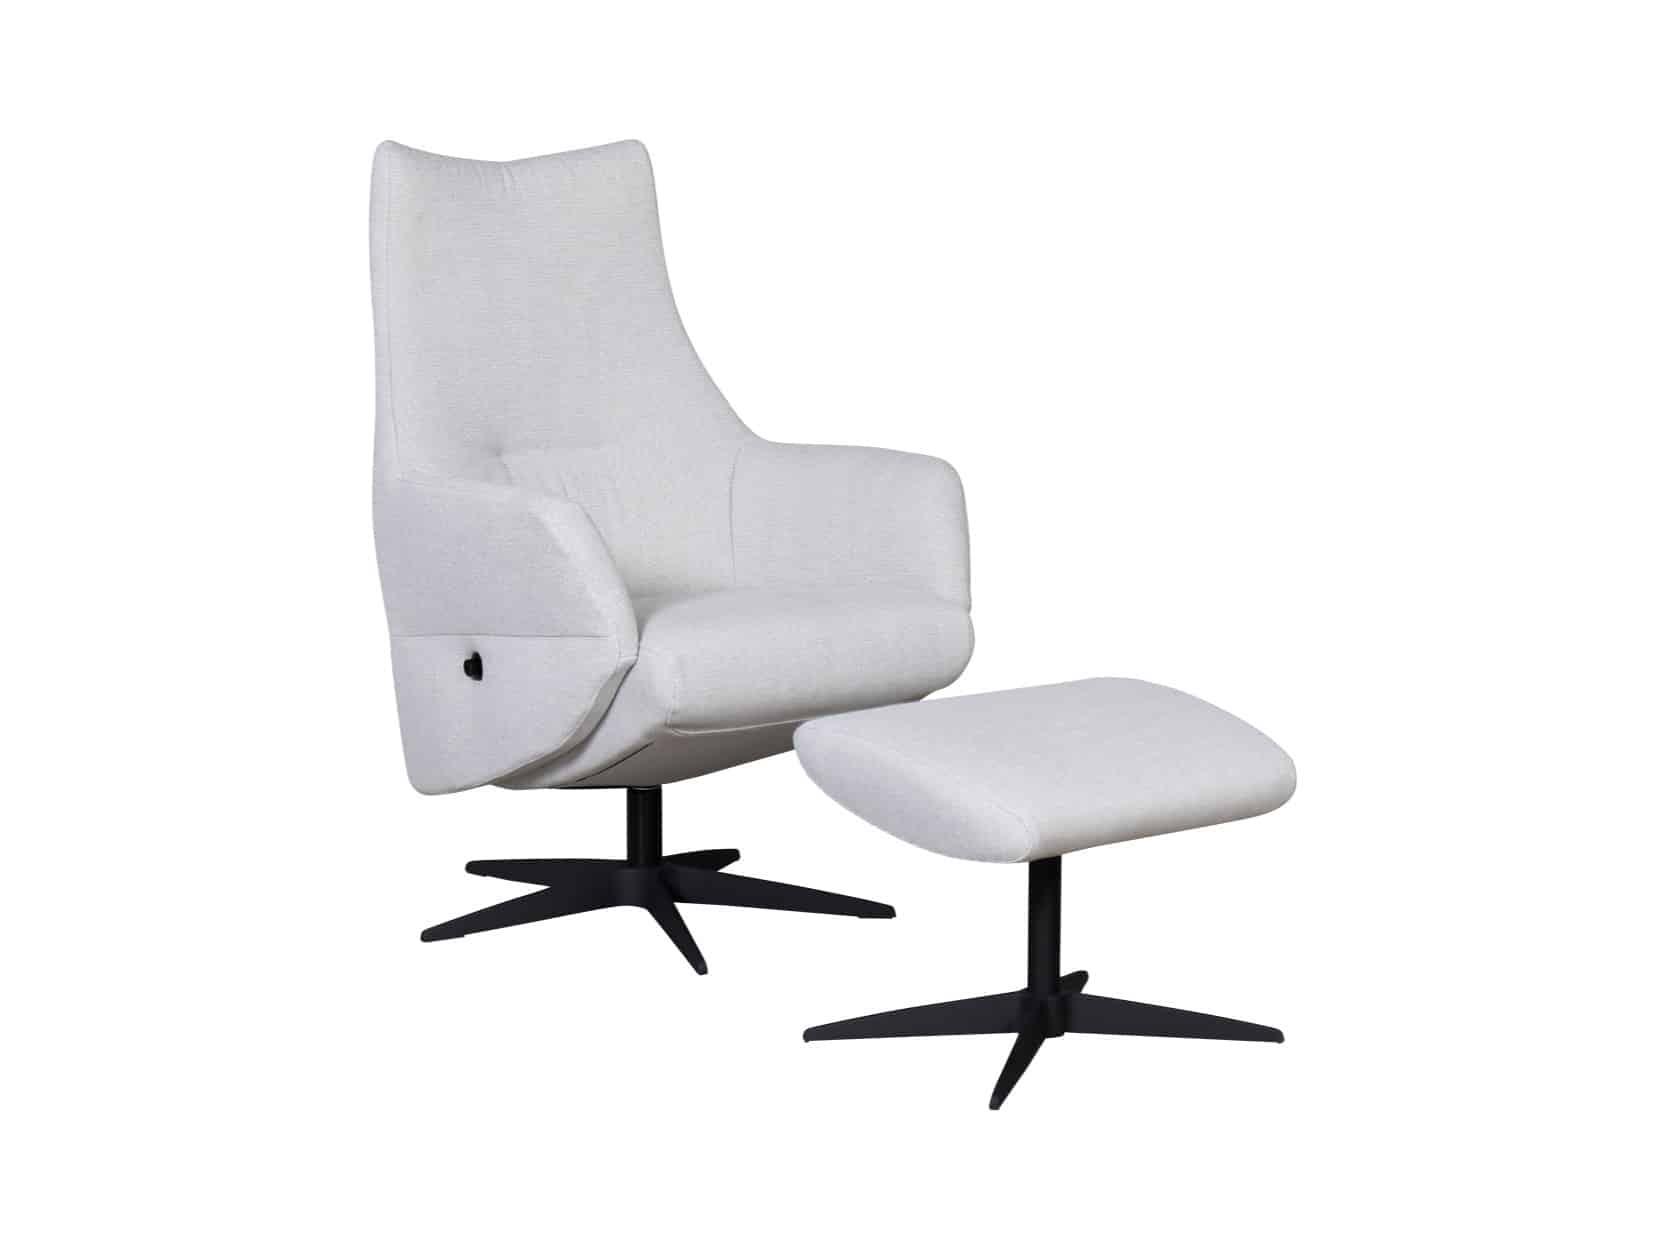 Movani fauteuil Fonko schuin met poef